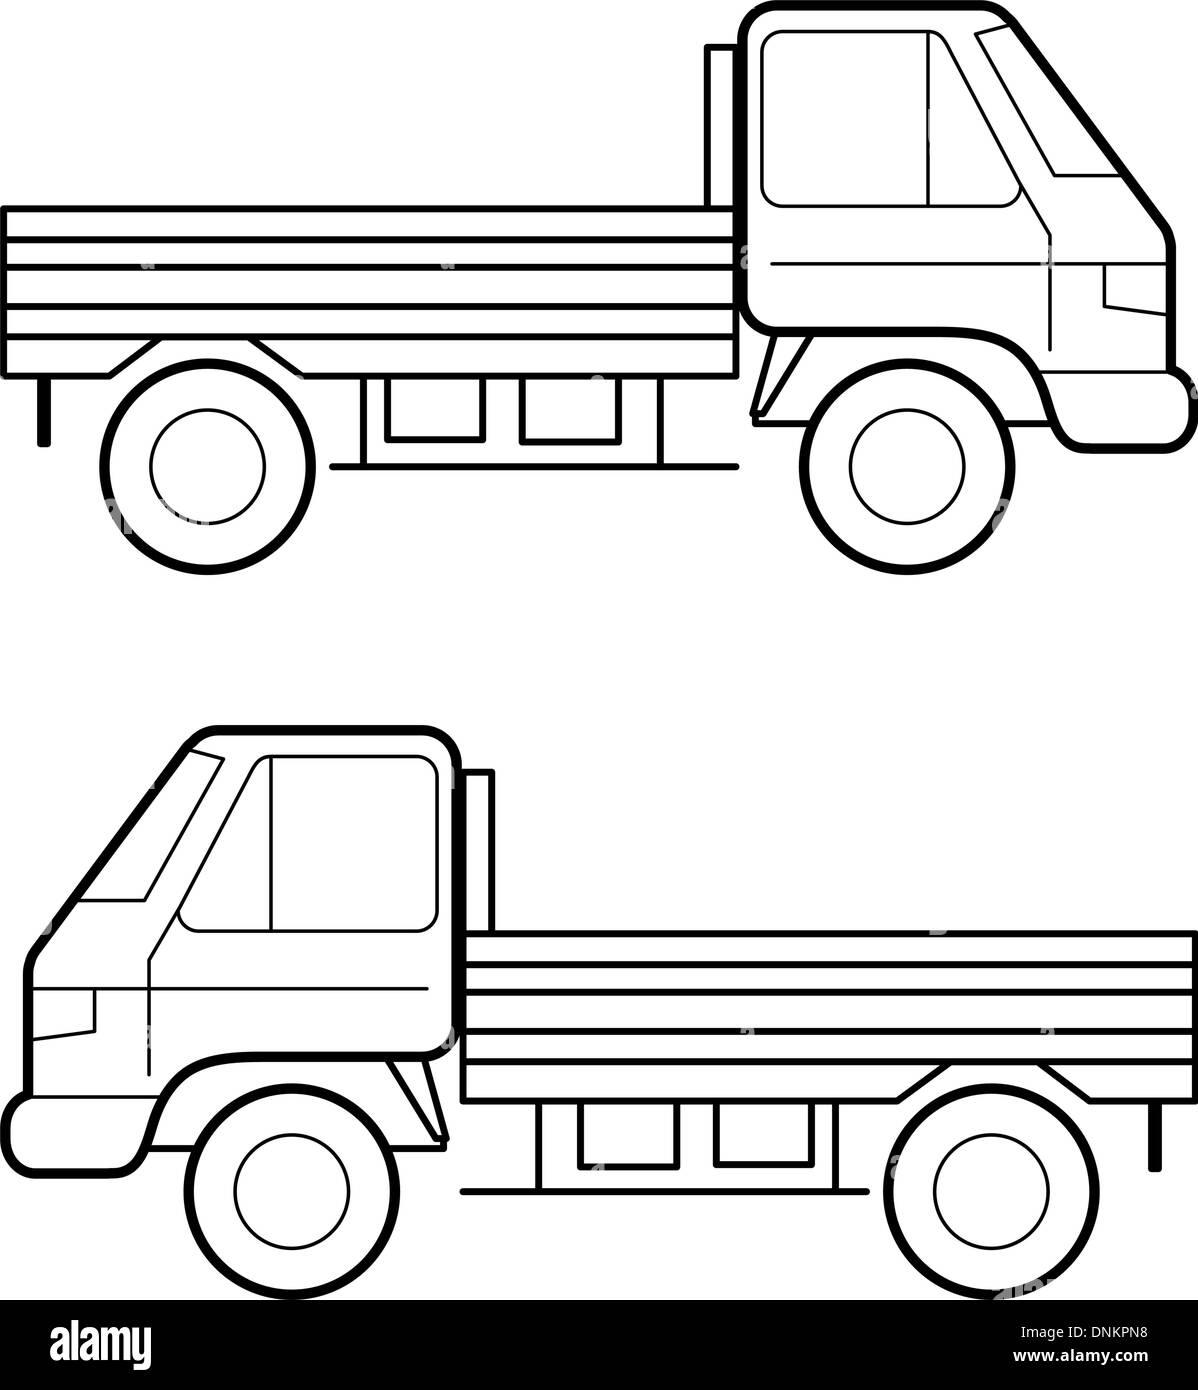 Auto , vettore linee nere su sfondo bianco Illustrazione Vettoriale